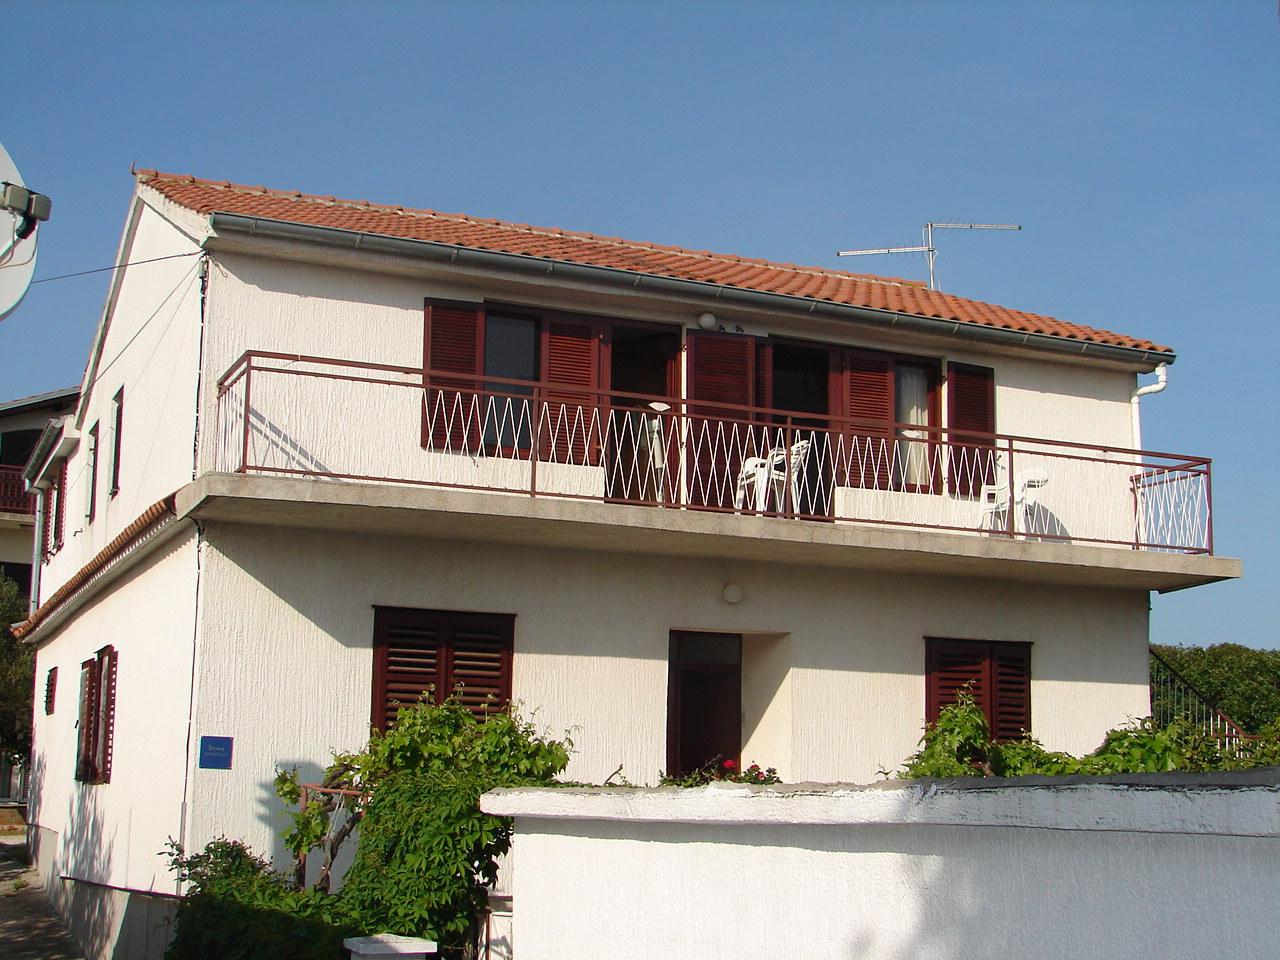 Ferienwohnung 2534 Manji (4+1) - Jezera (743117), Jezera, Insel Murter, Dalmatien, Kroatien, Bild 1